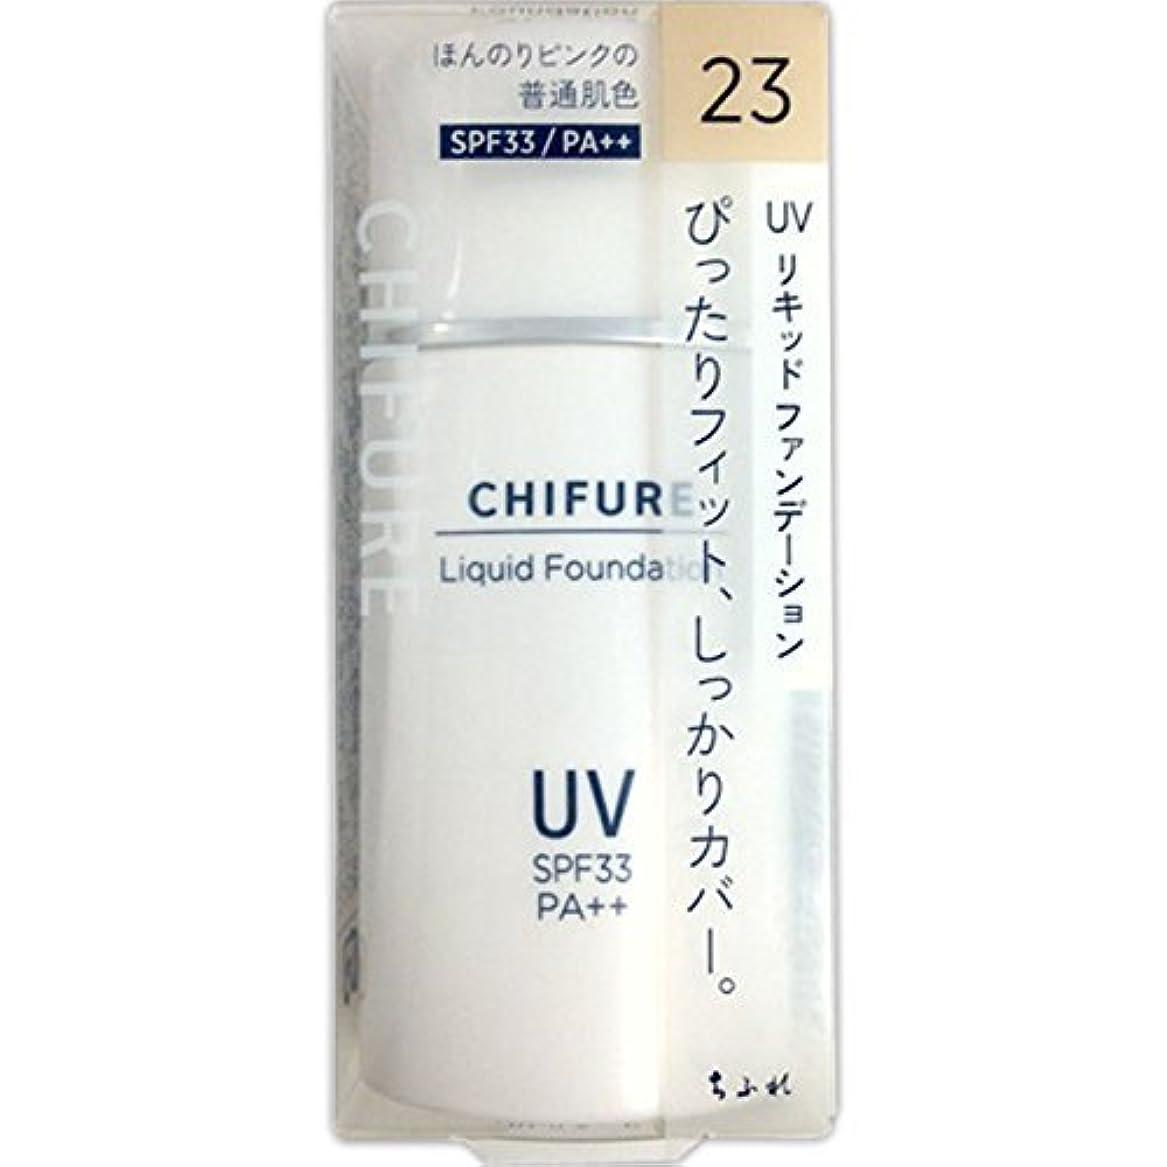 ローブ火山収まるちふれ化粧品 UV リキッド ファンデーション 23 ほんのりピンク普通肌色 30ML